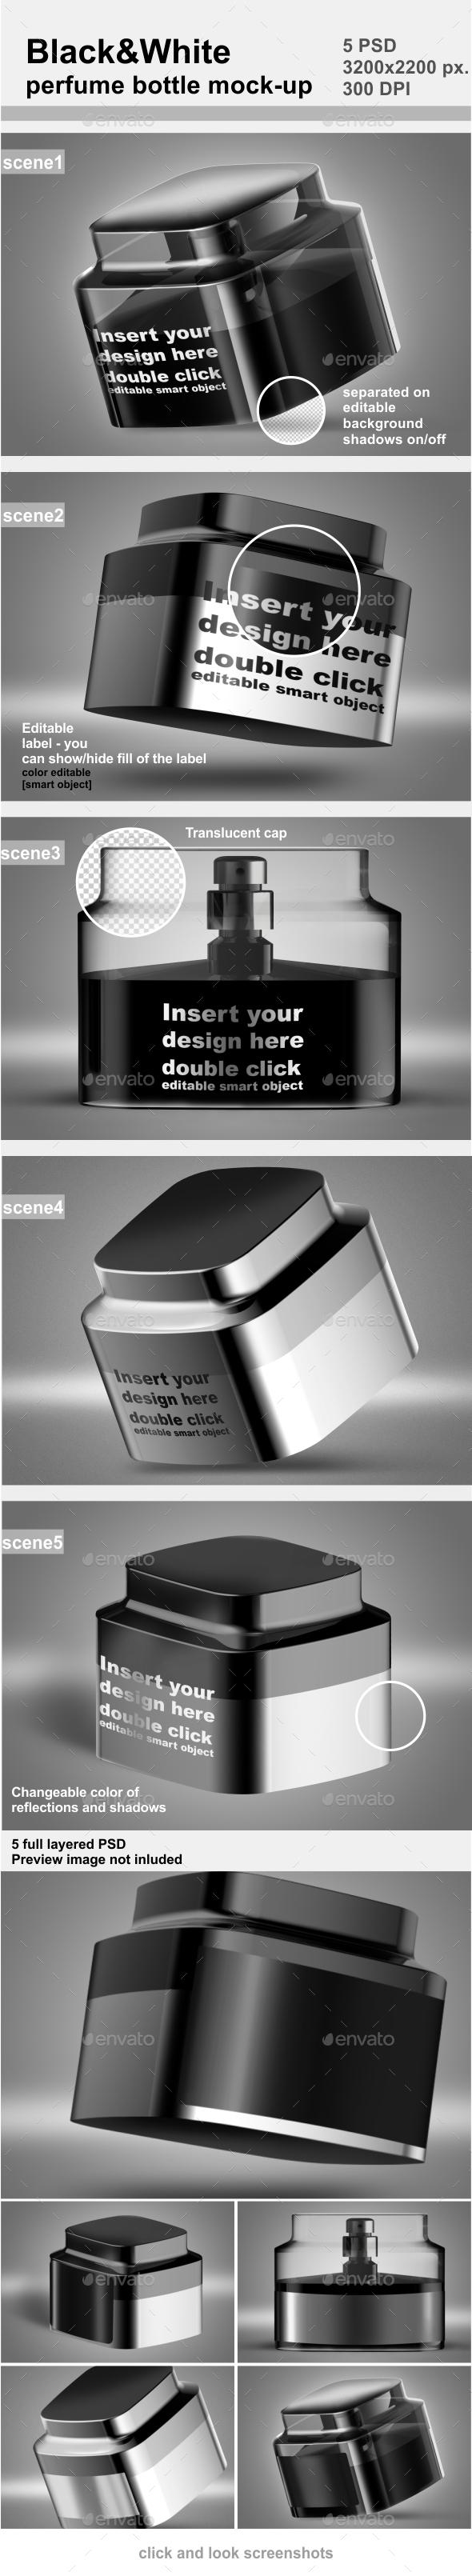 Perfume Bottle Mock-up - Beauty Packaging